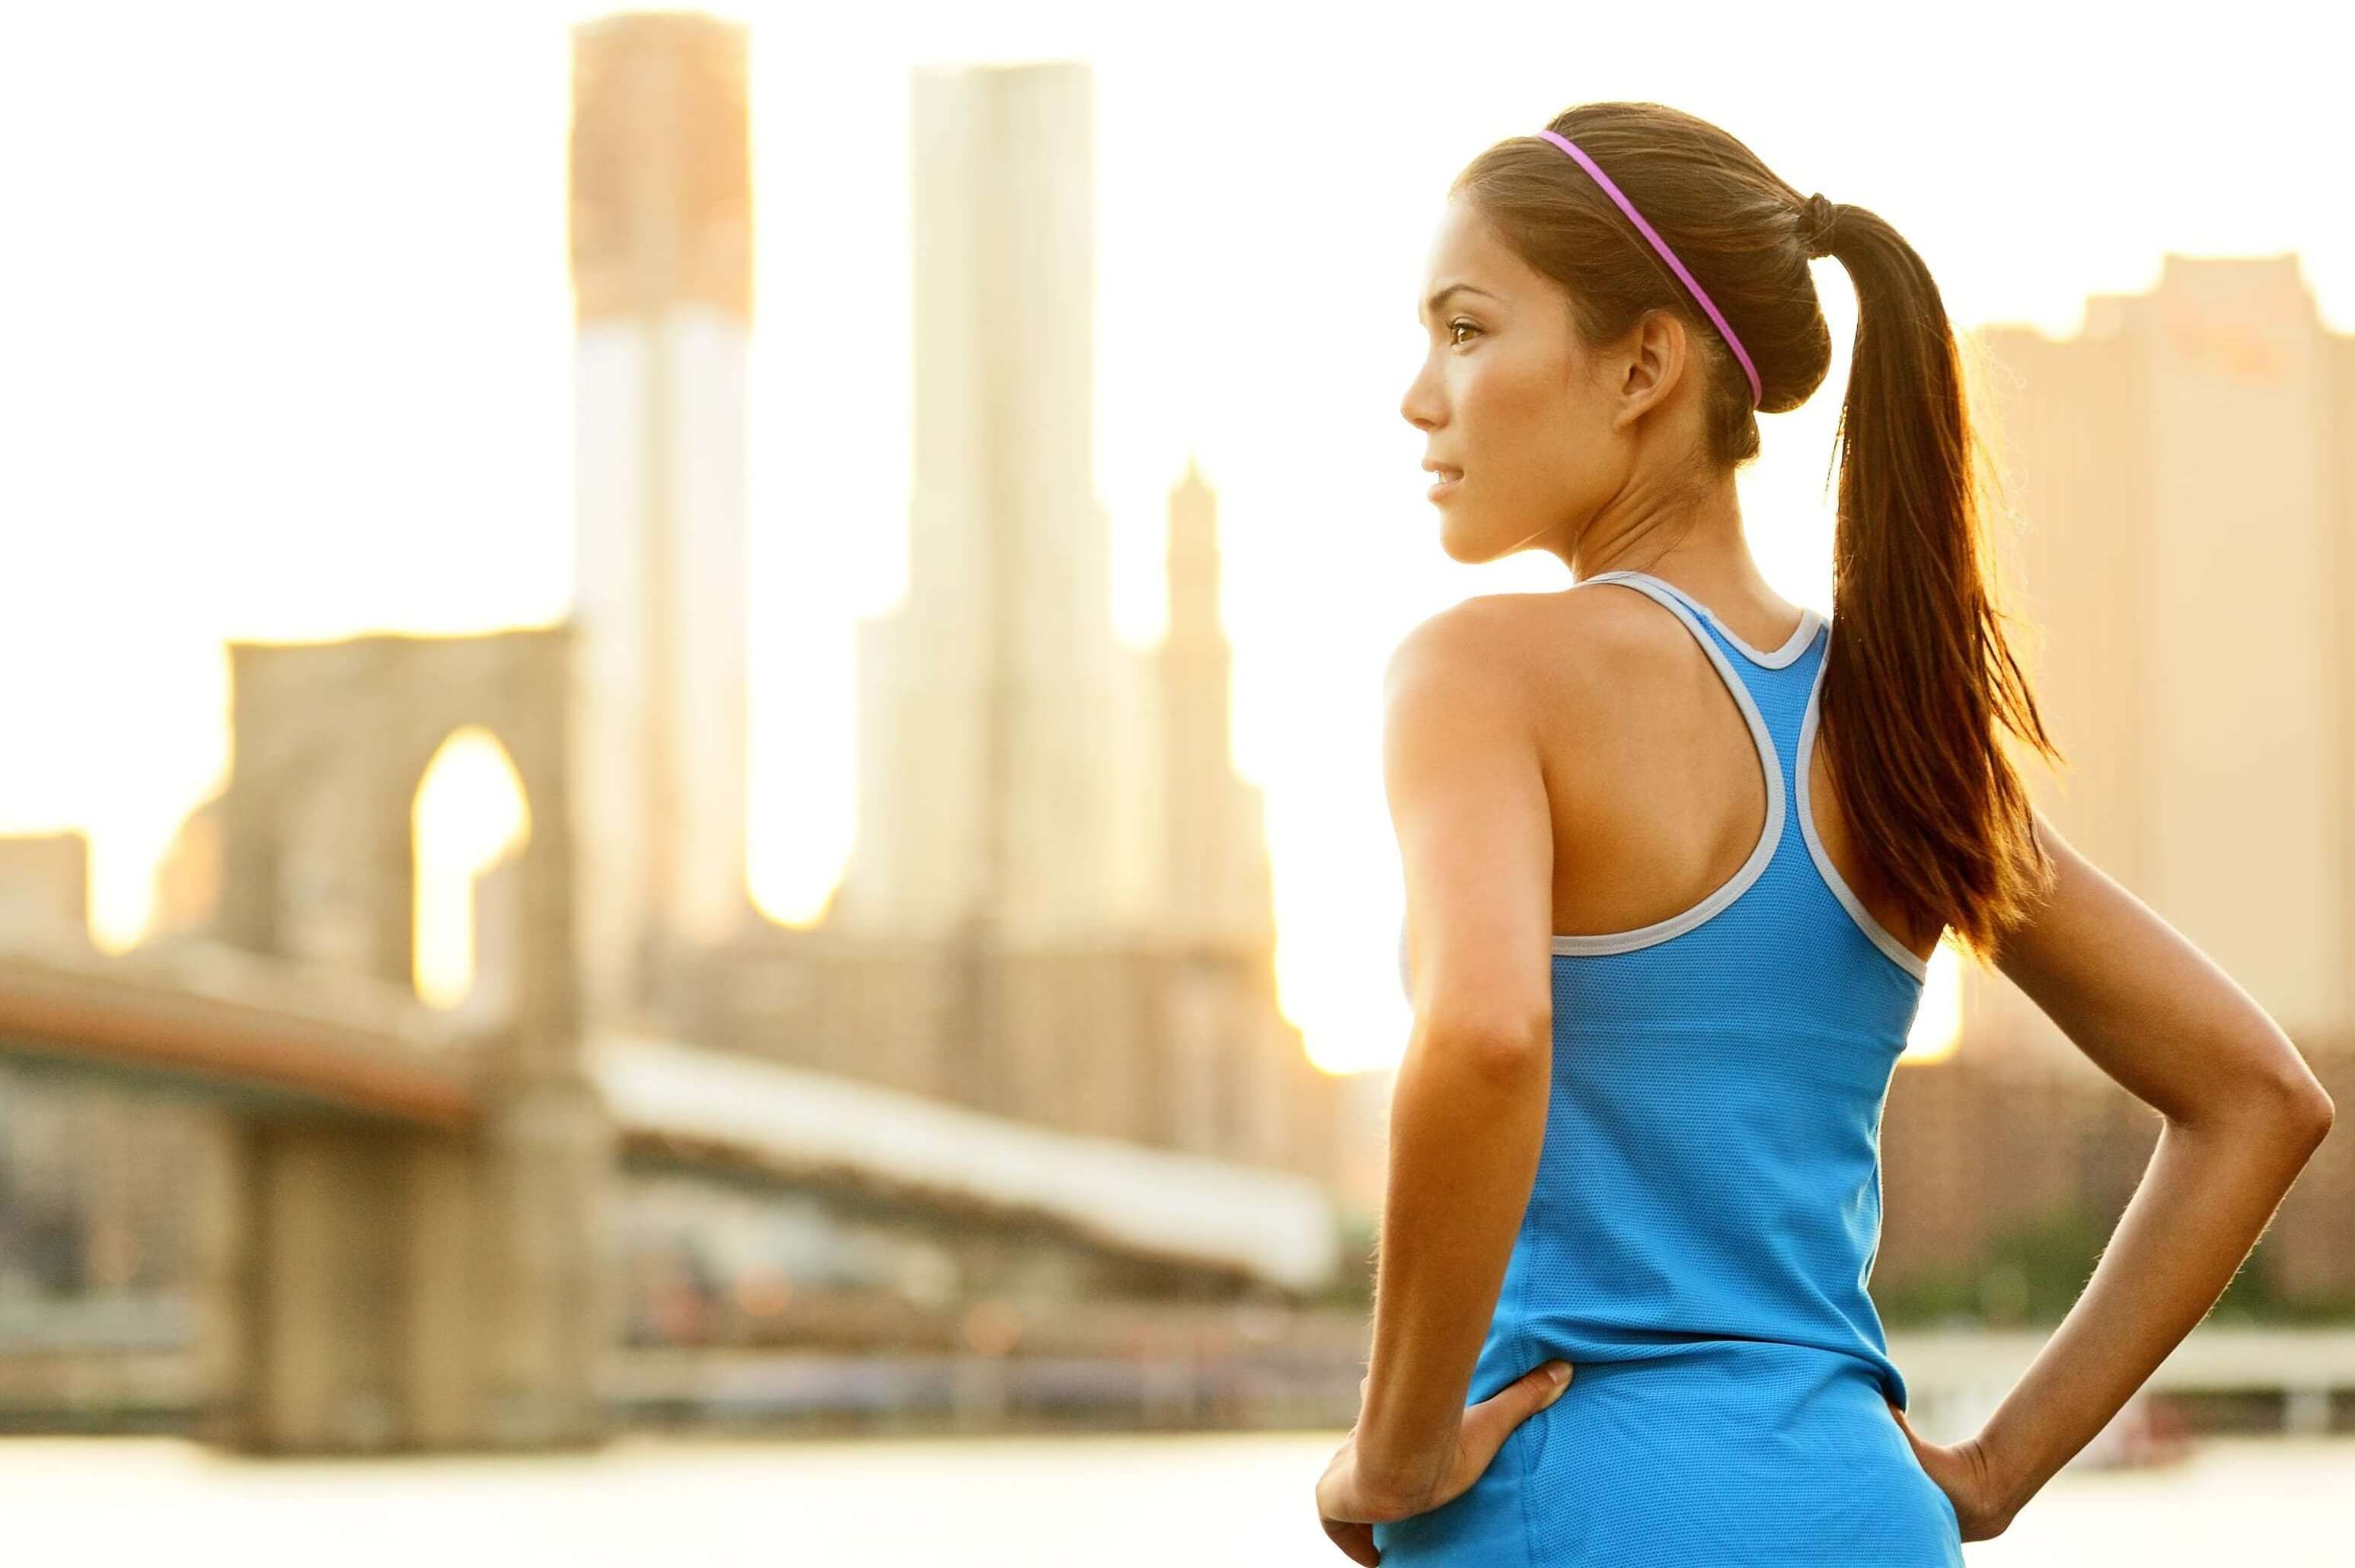 бег как правильно бегать чтобы похудеть